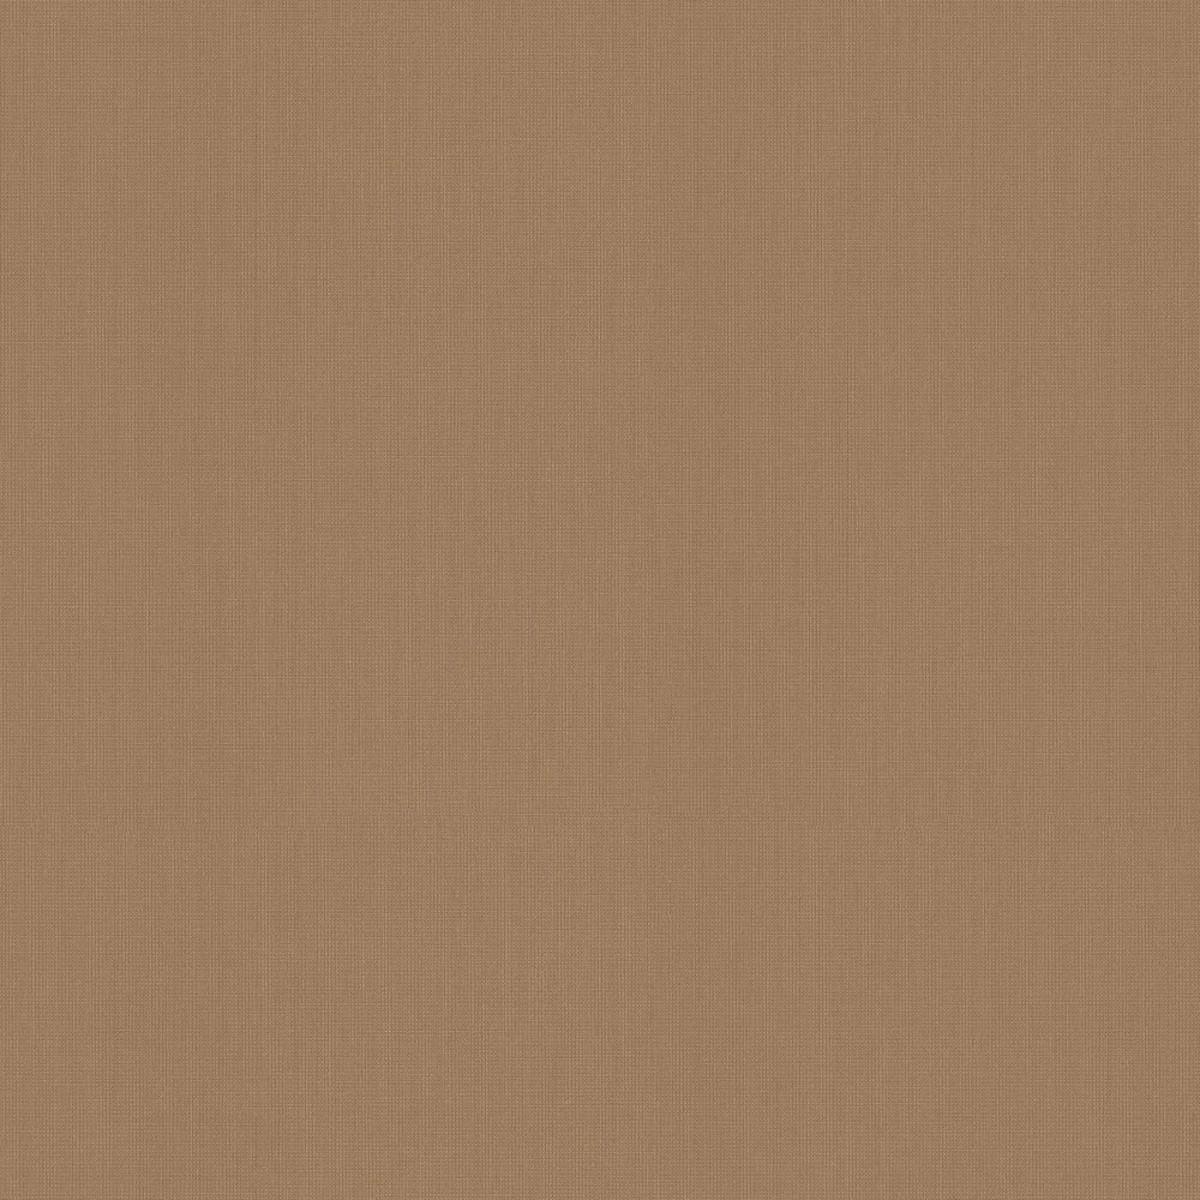 Обои флизелиновые ПАЛИТРА Tobago коричневые PL71558-38 1.06 м